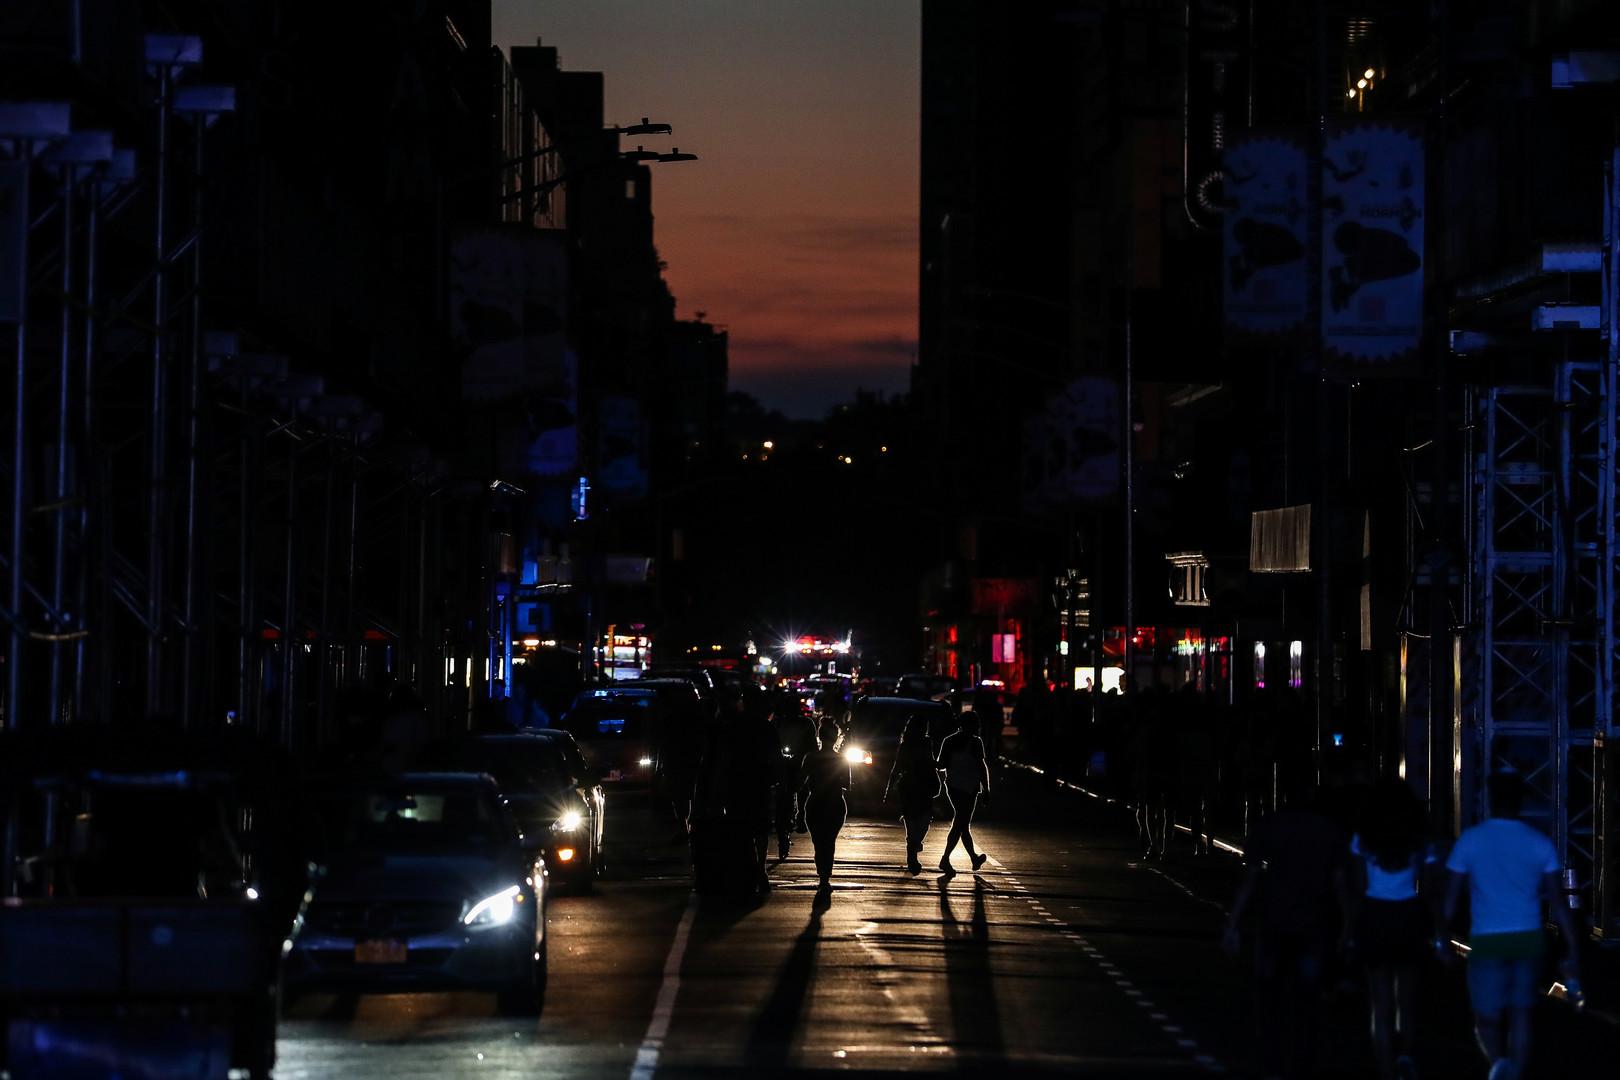 انقطاع الكهرباء على نطاق واسع في مناطق من مانهاتن بنيويورك